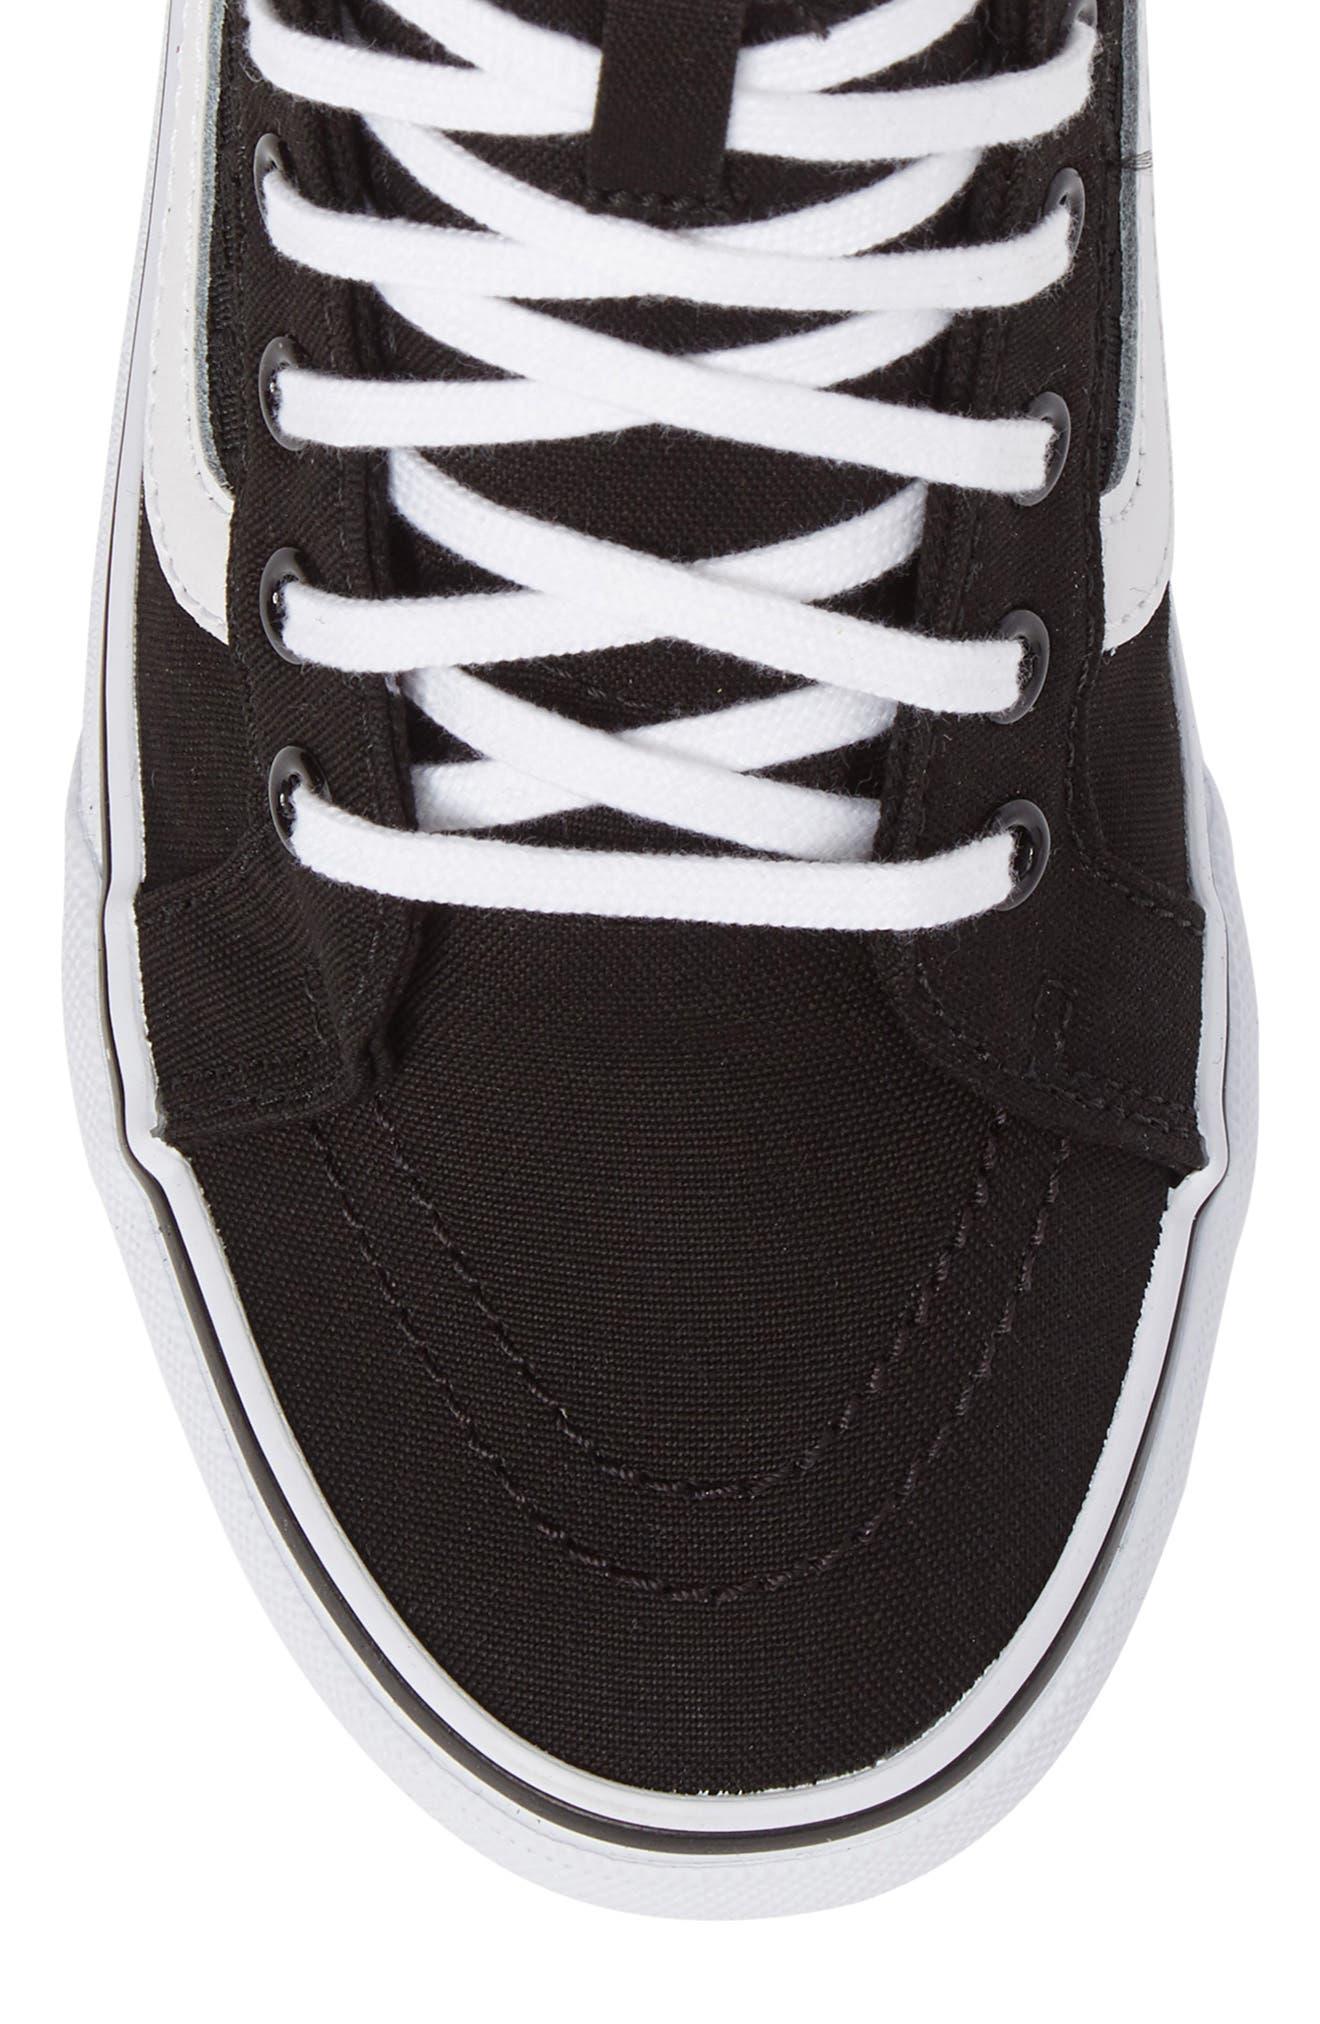 SK8-HI Slim Gore Sneaker,                             Alternate thumbnail 5, color,                             001